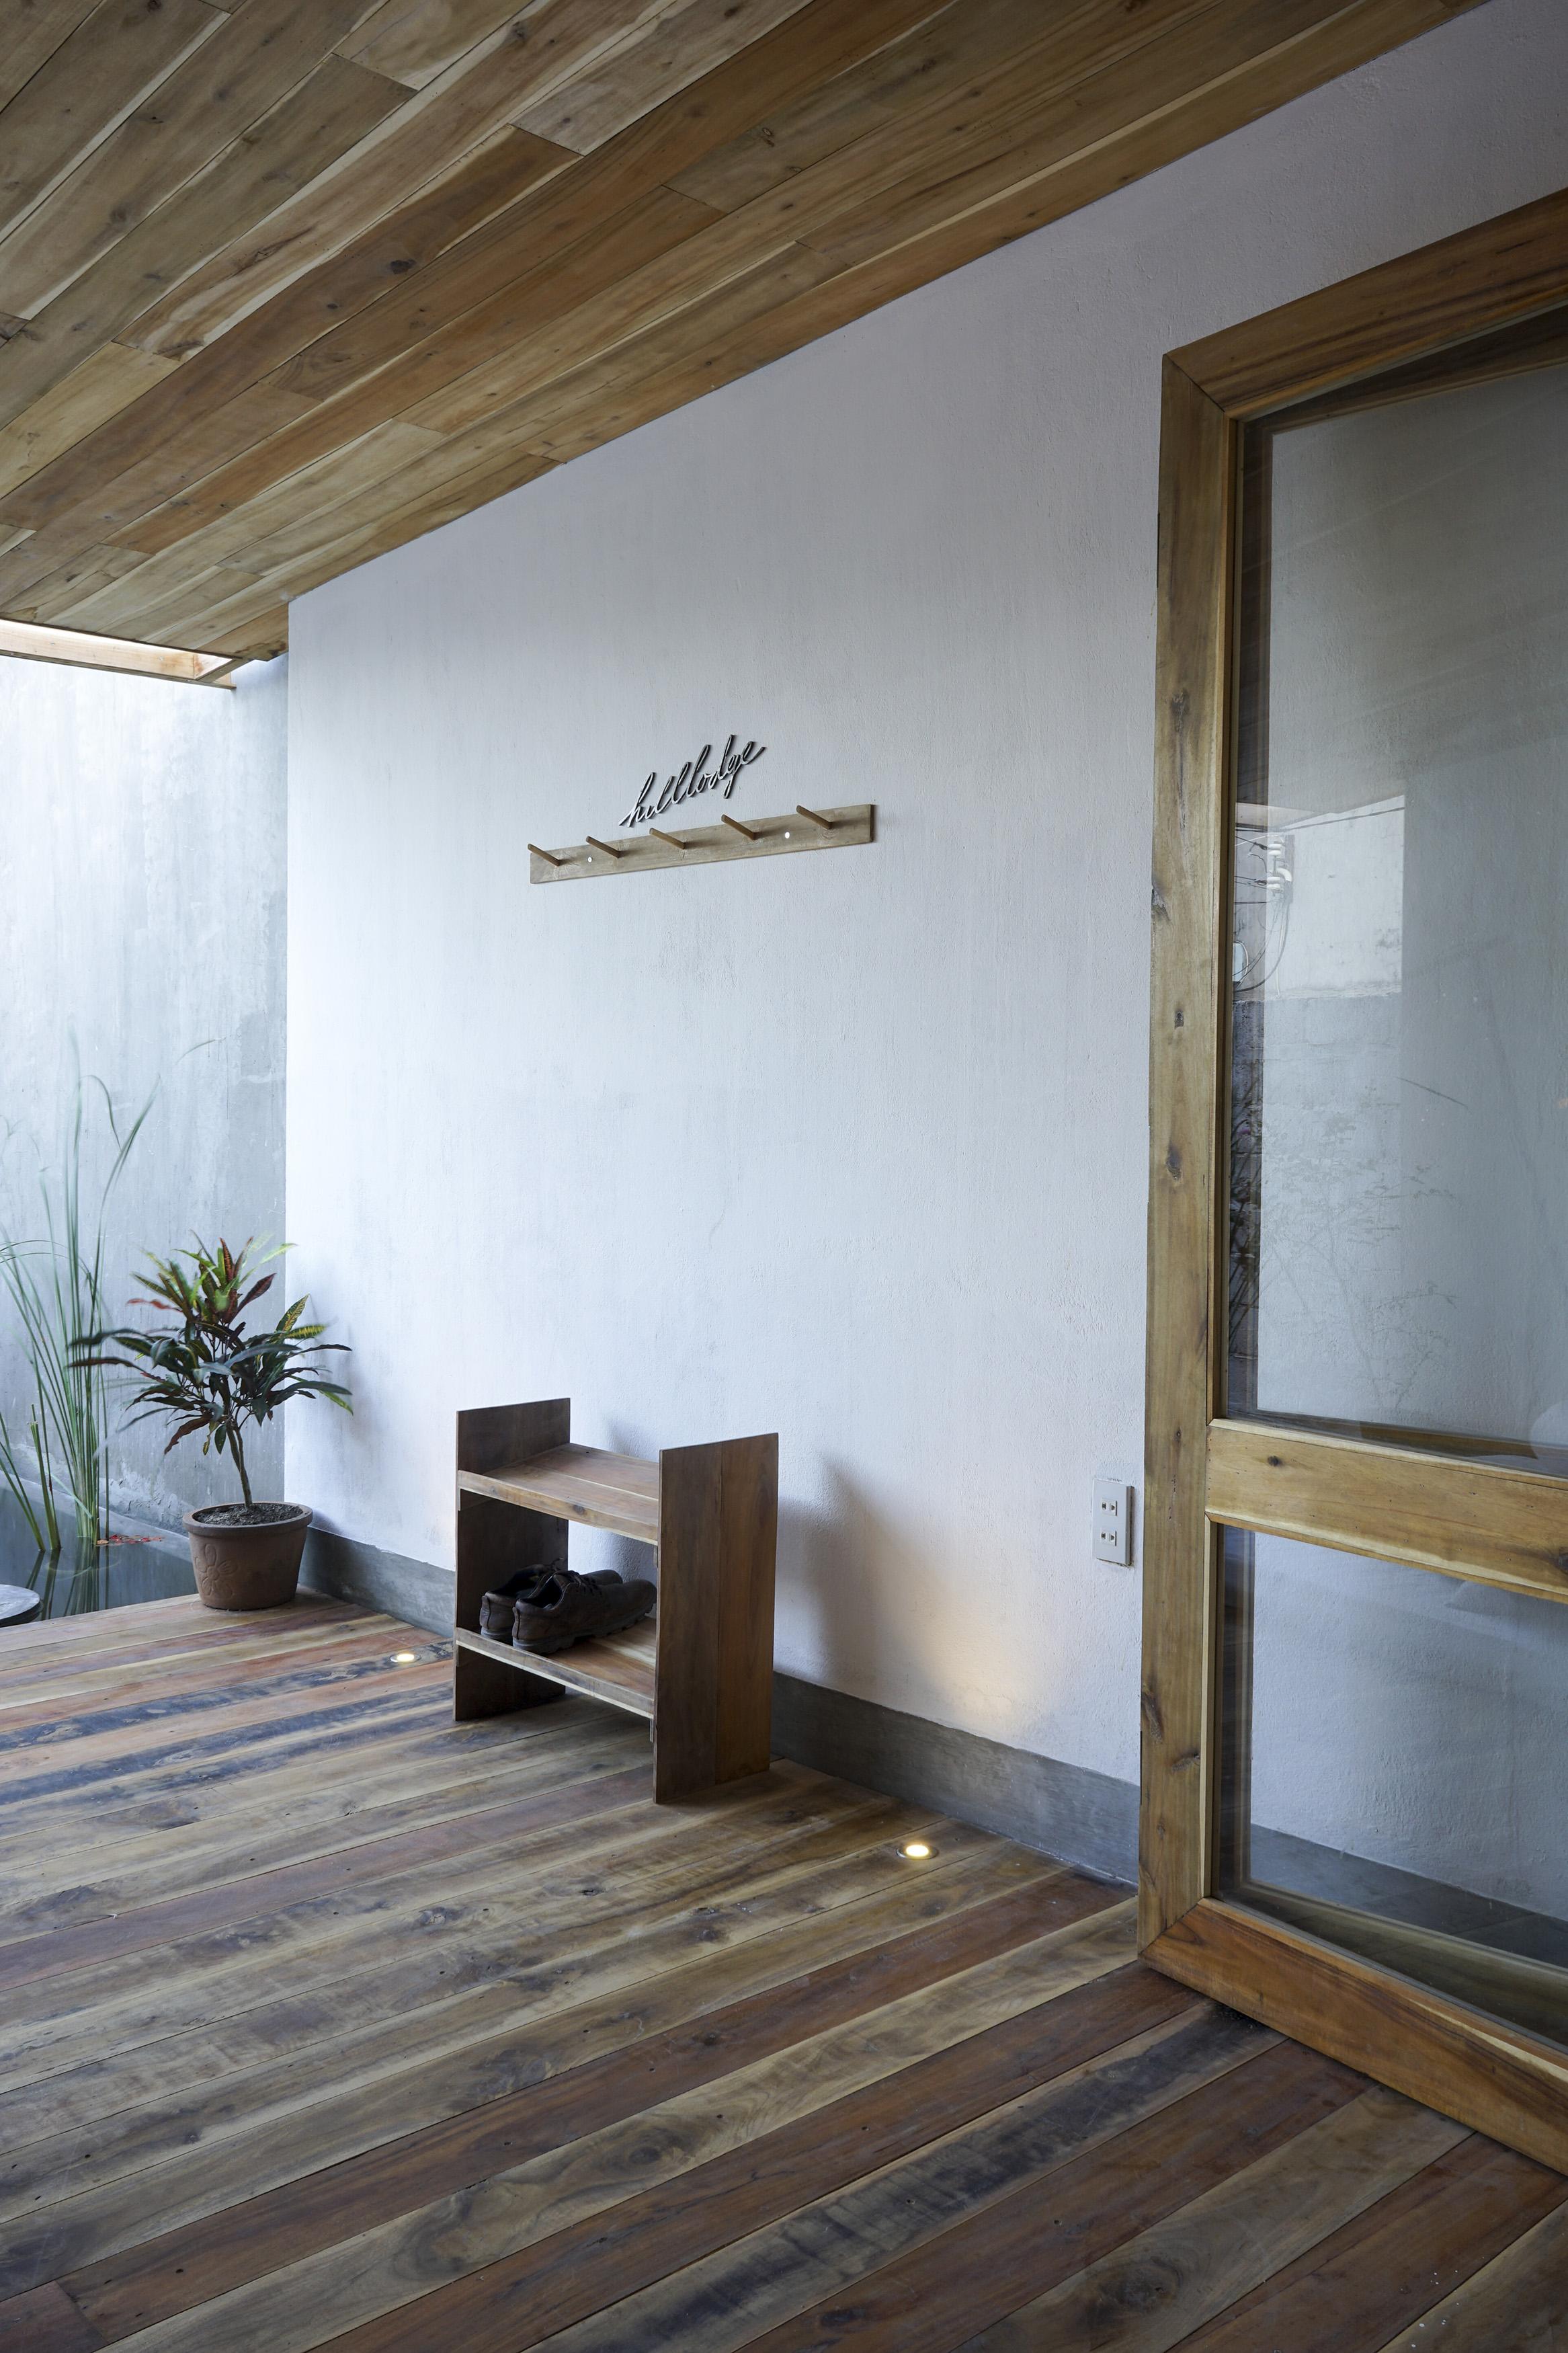 Hill Lodge, Homestay thanh bình cạnh biển Mũi Né,  haus space